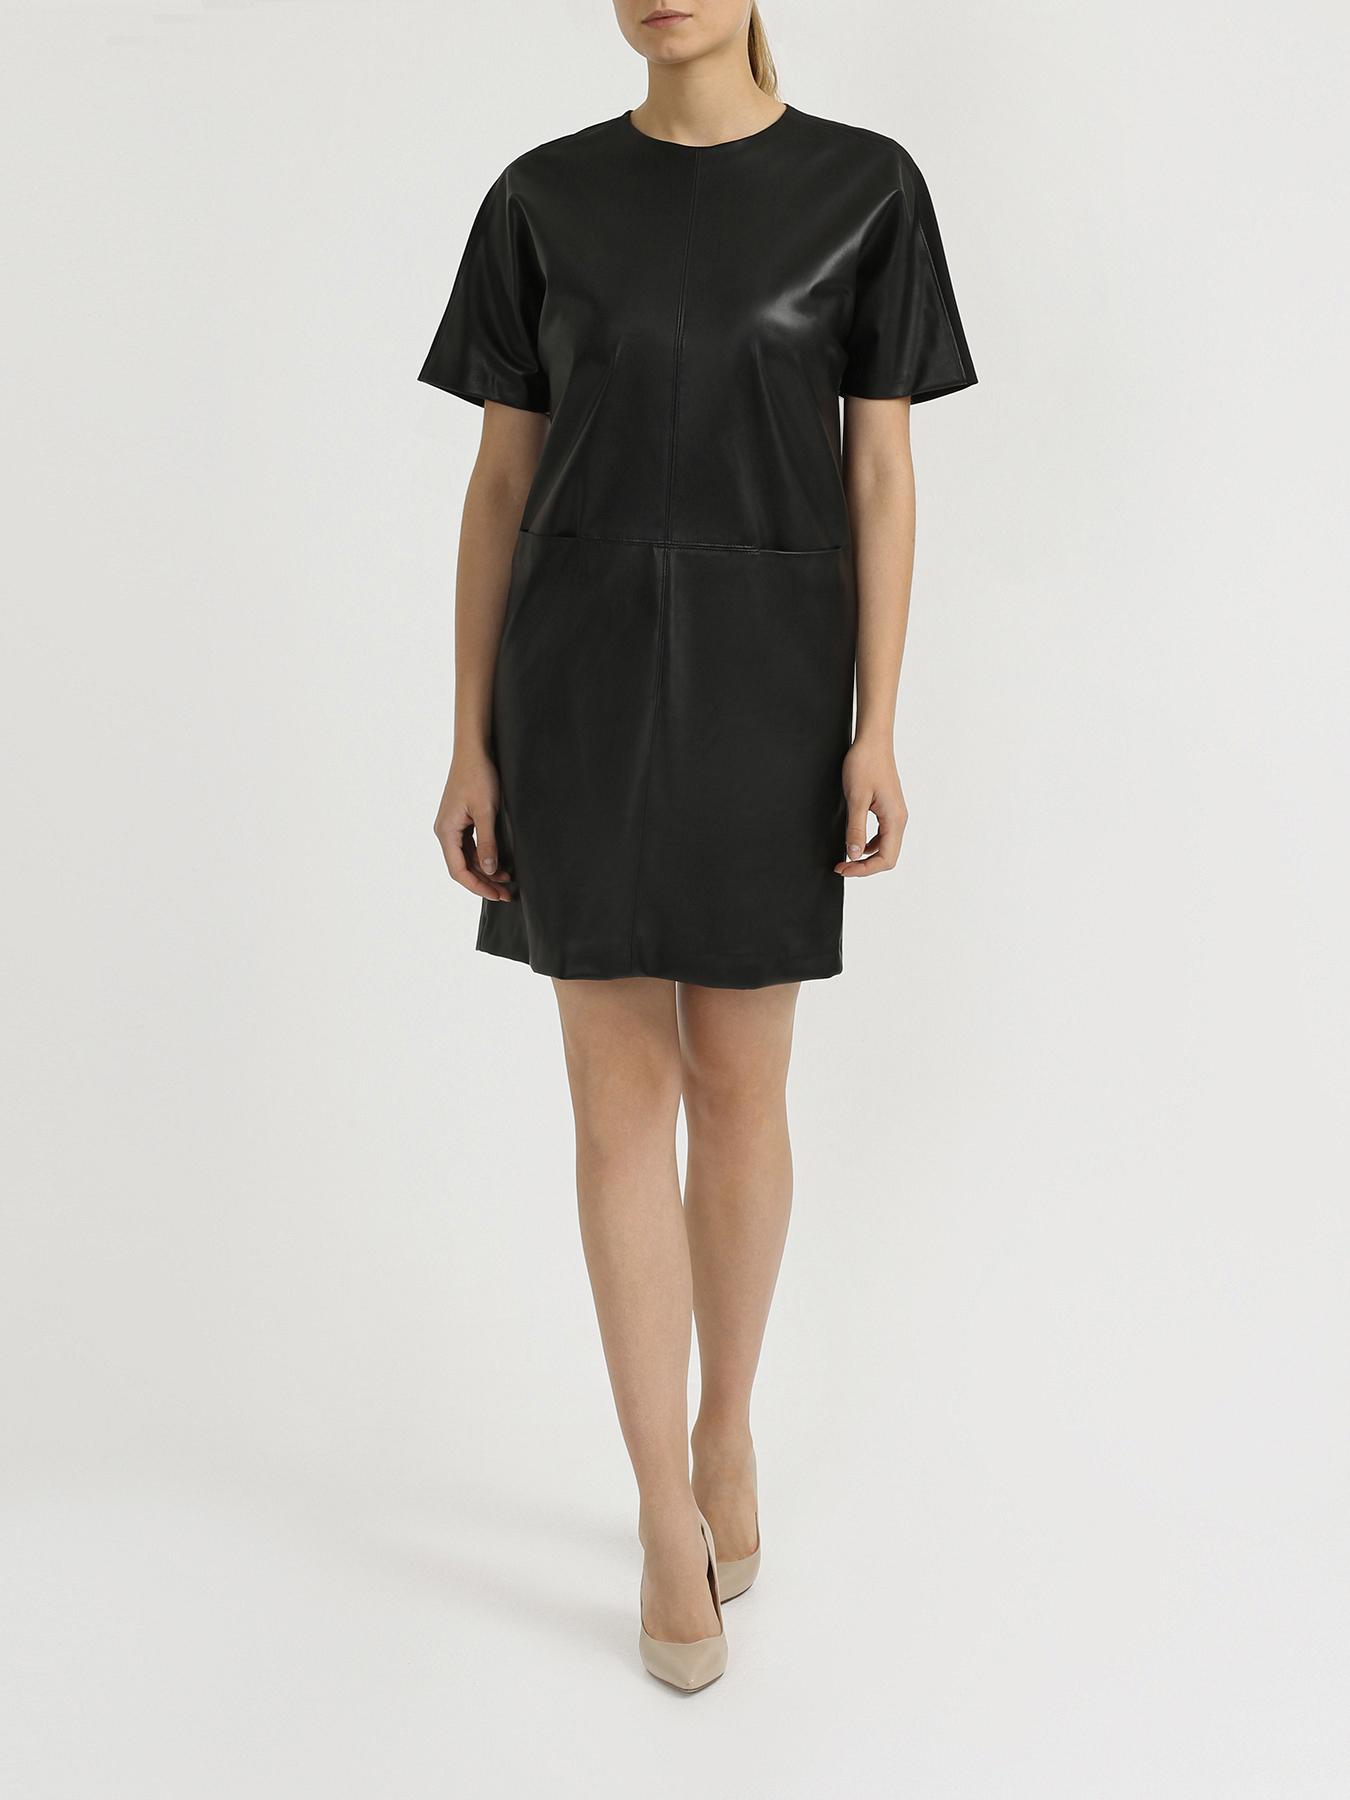 Платье Korpo Two Платье с карманами свободное платье с 2 мя карманами yarmina